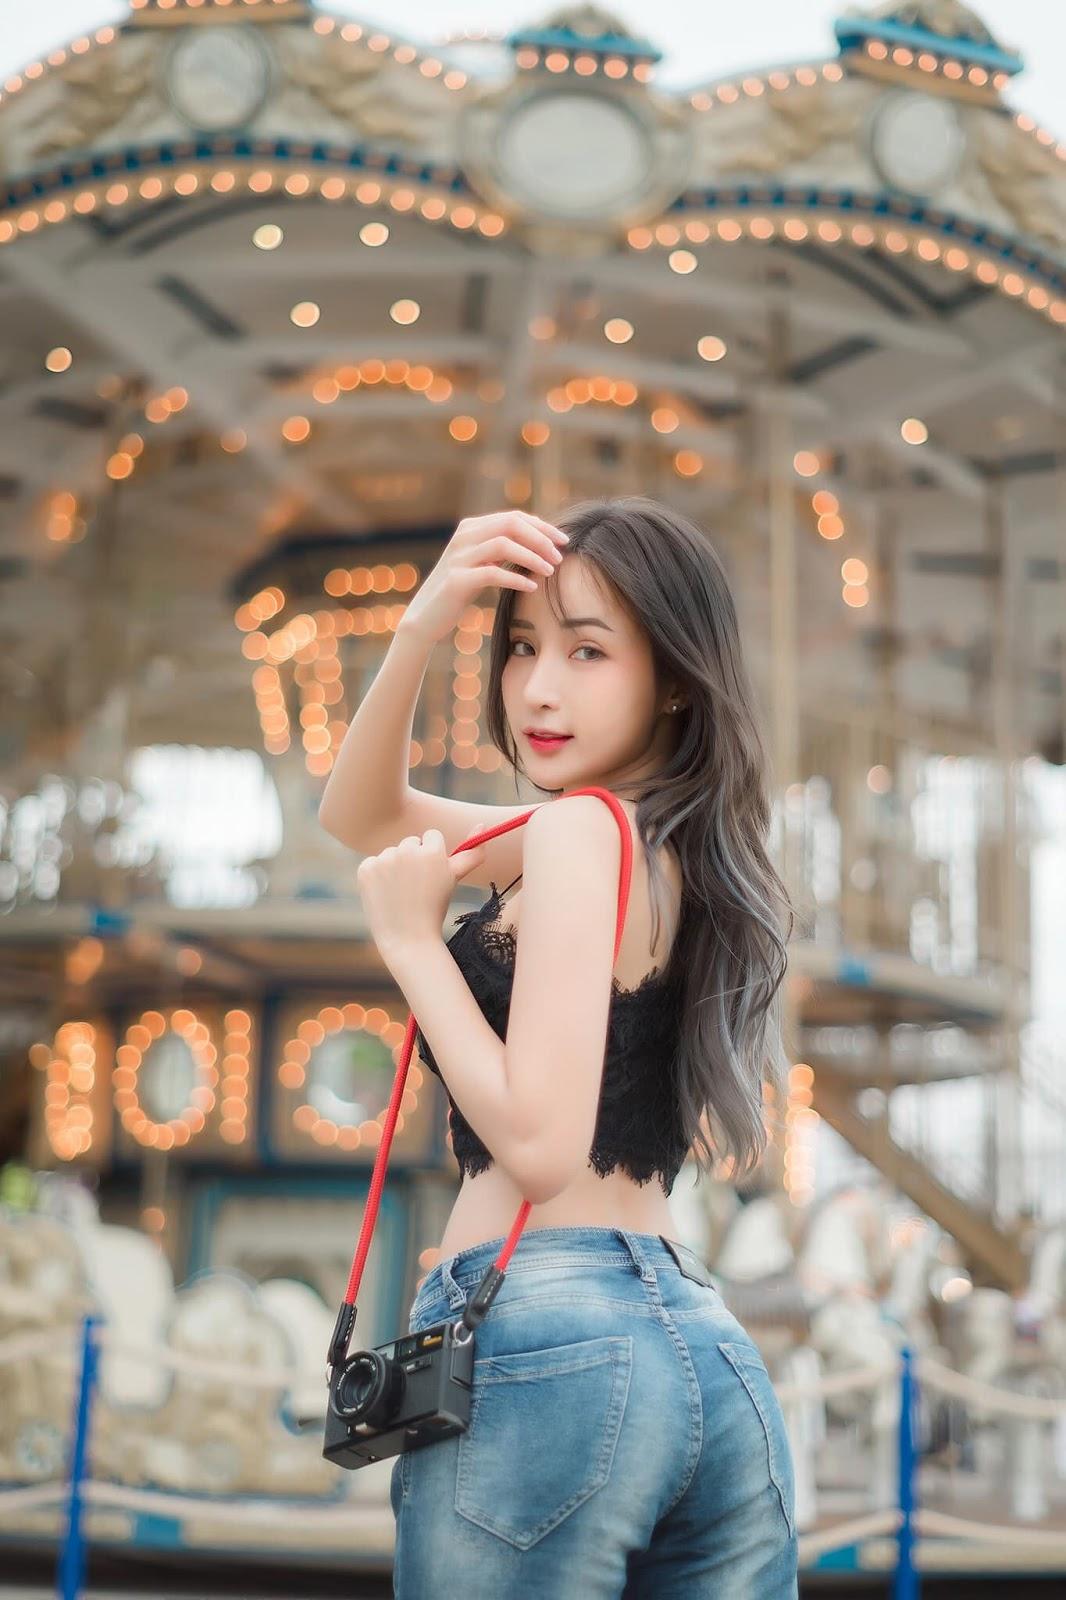 Thailand Hot Girl - Thanyarat Charoenpornkittada - My Memory Childhood Park - TruePic.net - Picture 6